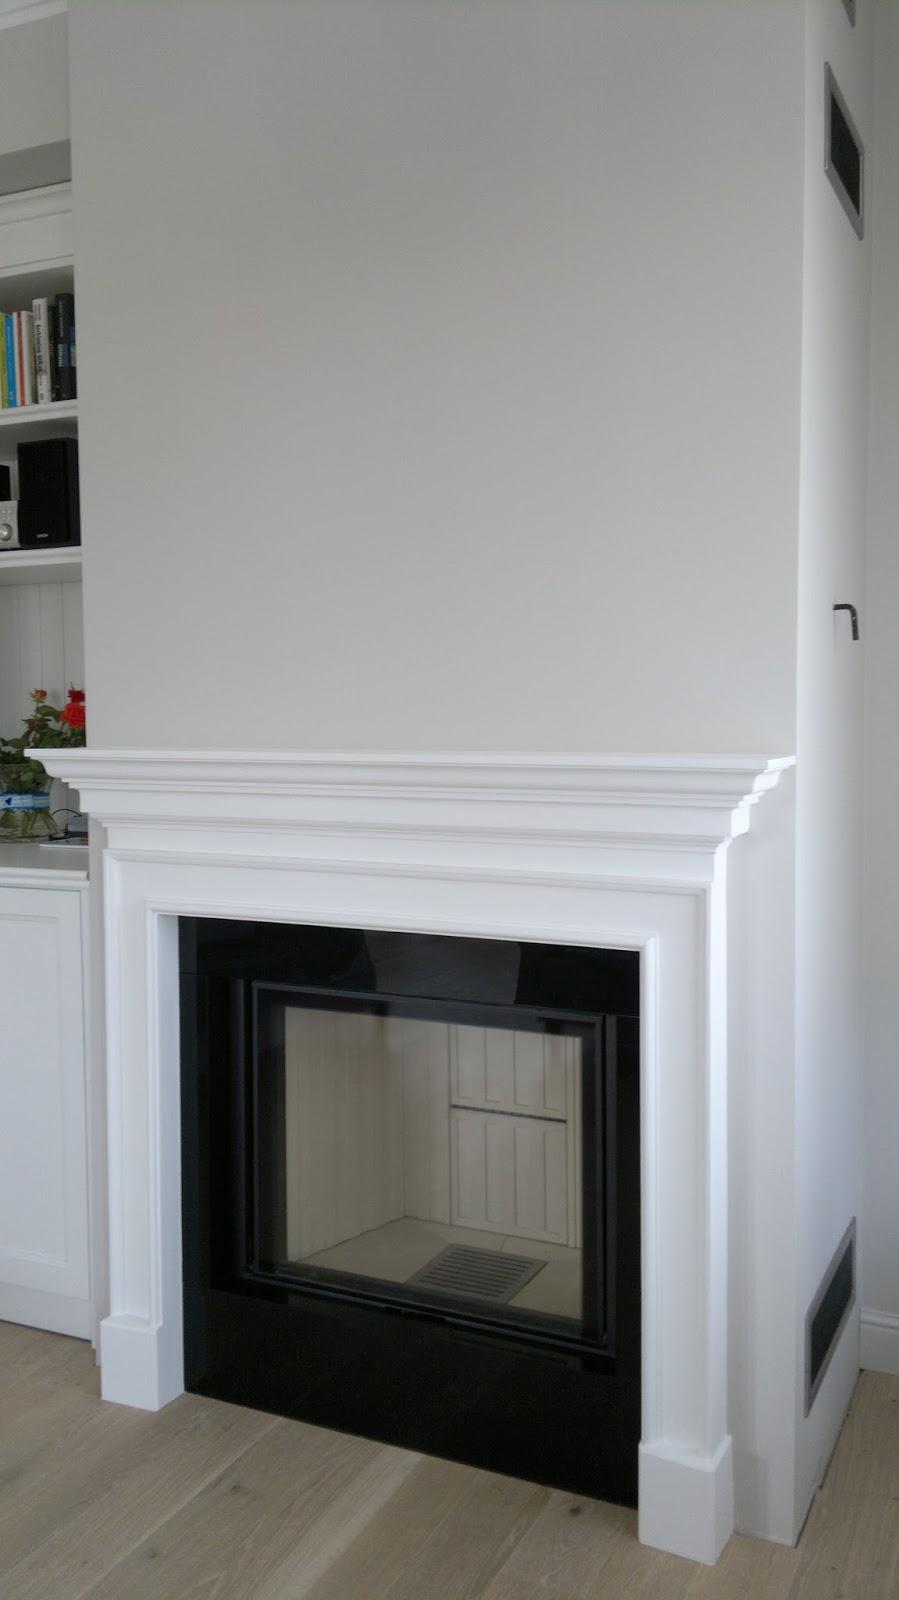 Kominki elbl g klasyczny prosty portal for Z portal